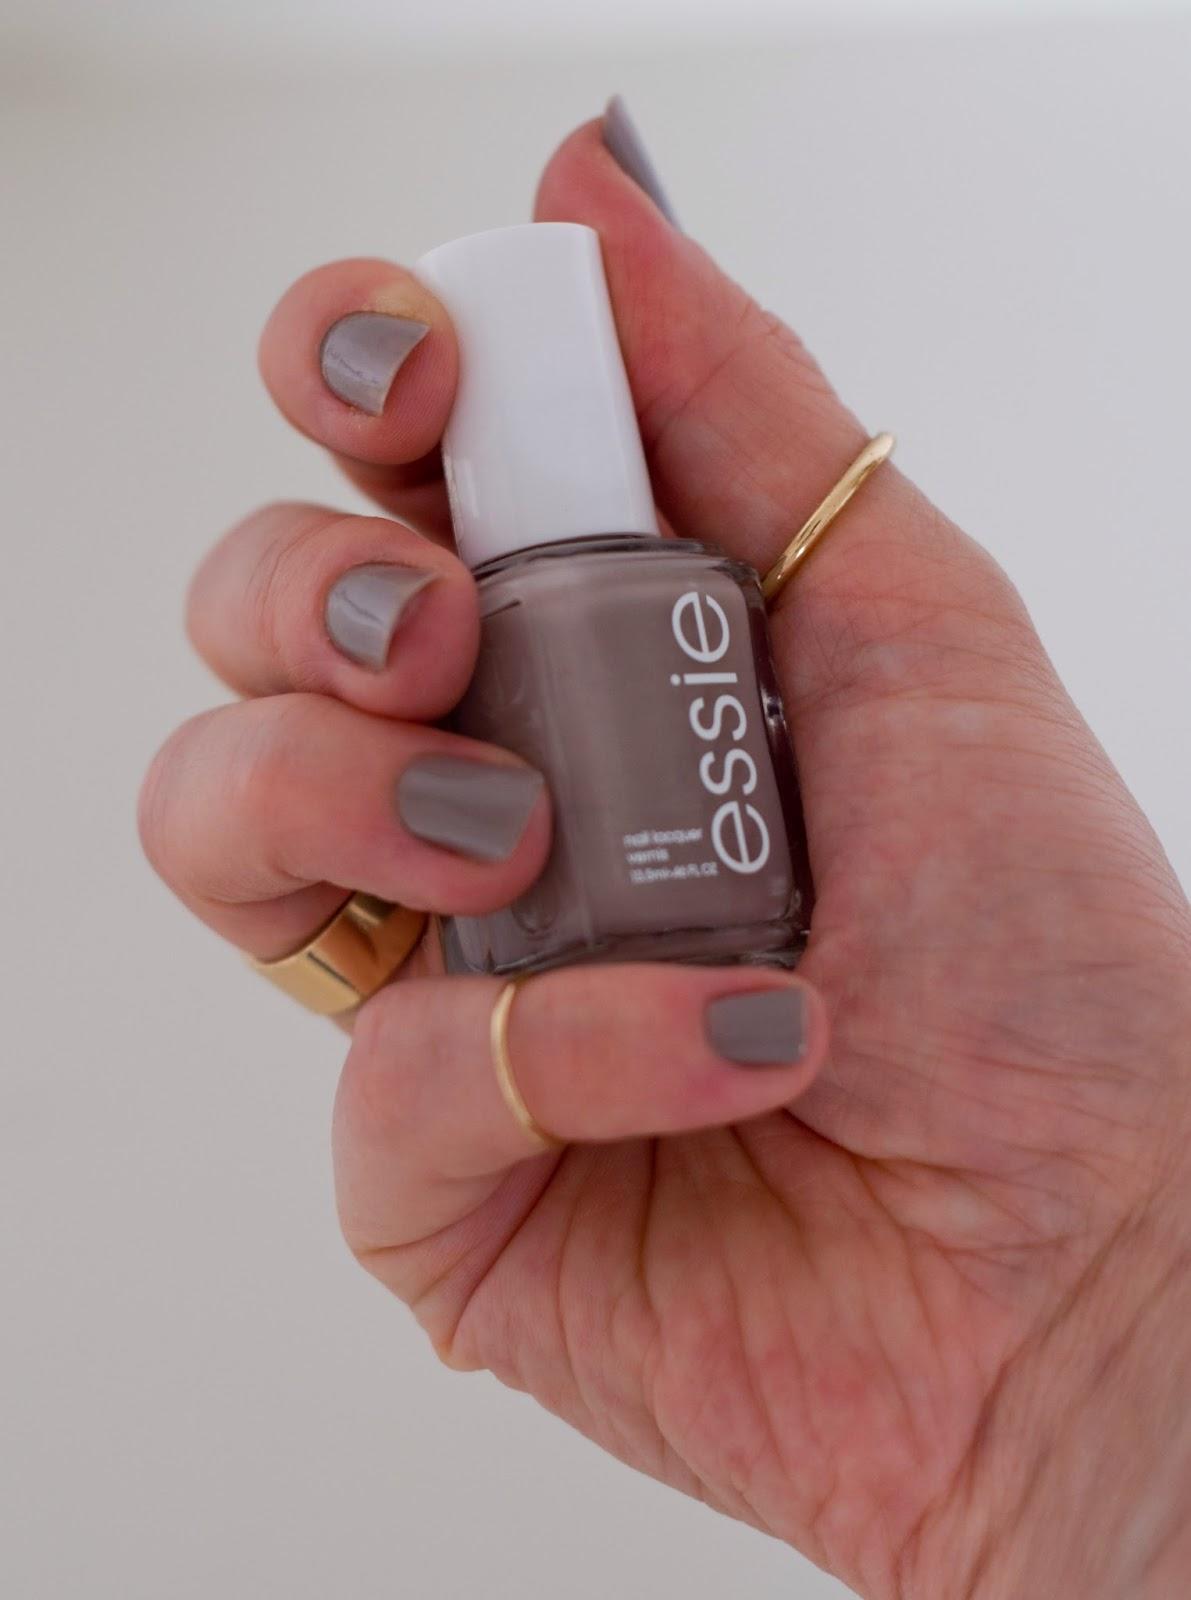 szary kolor Essie na paznokciach